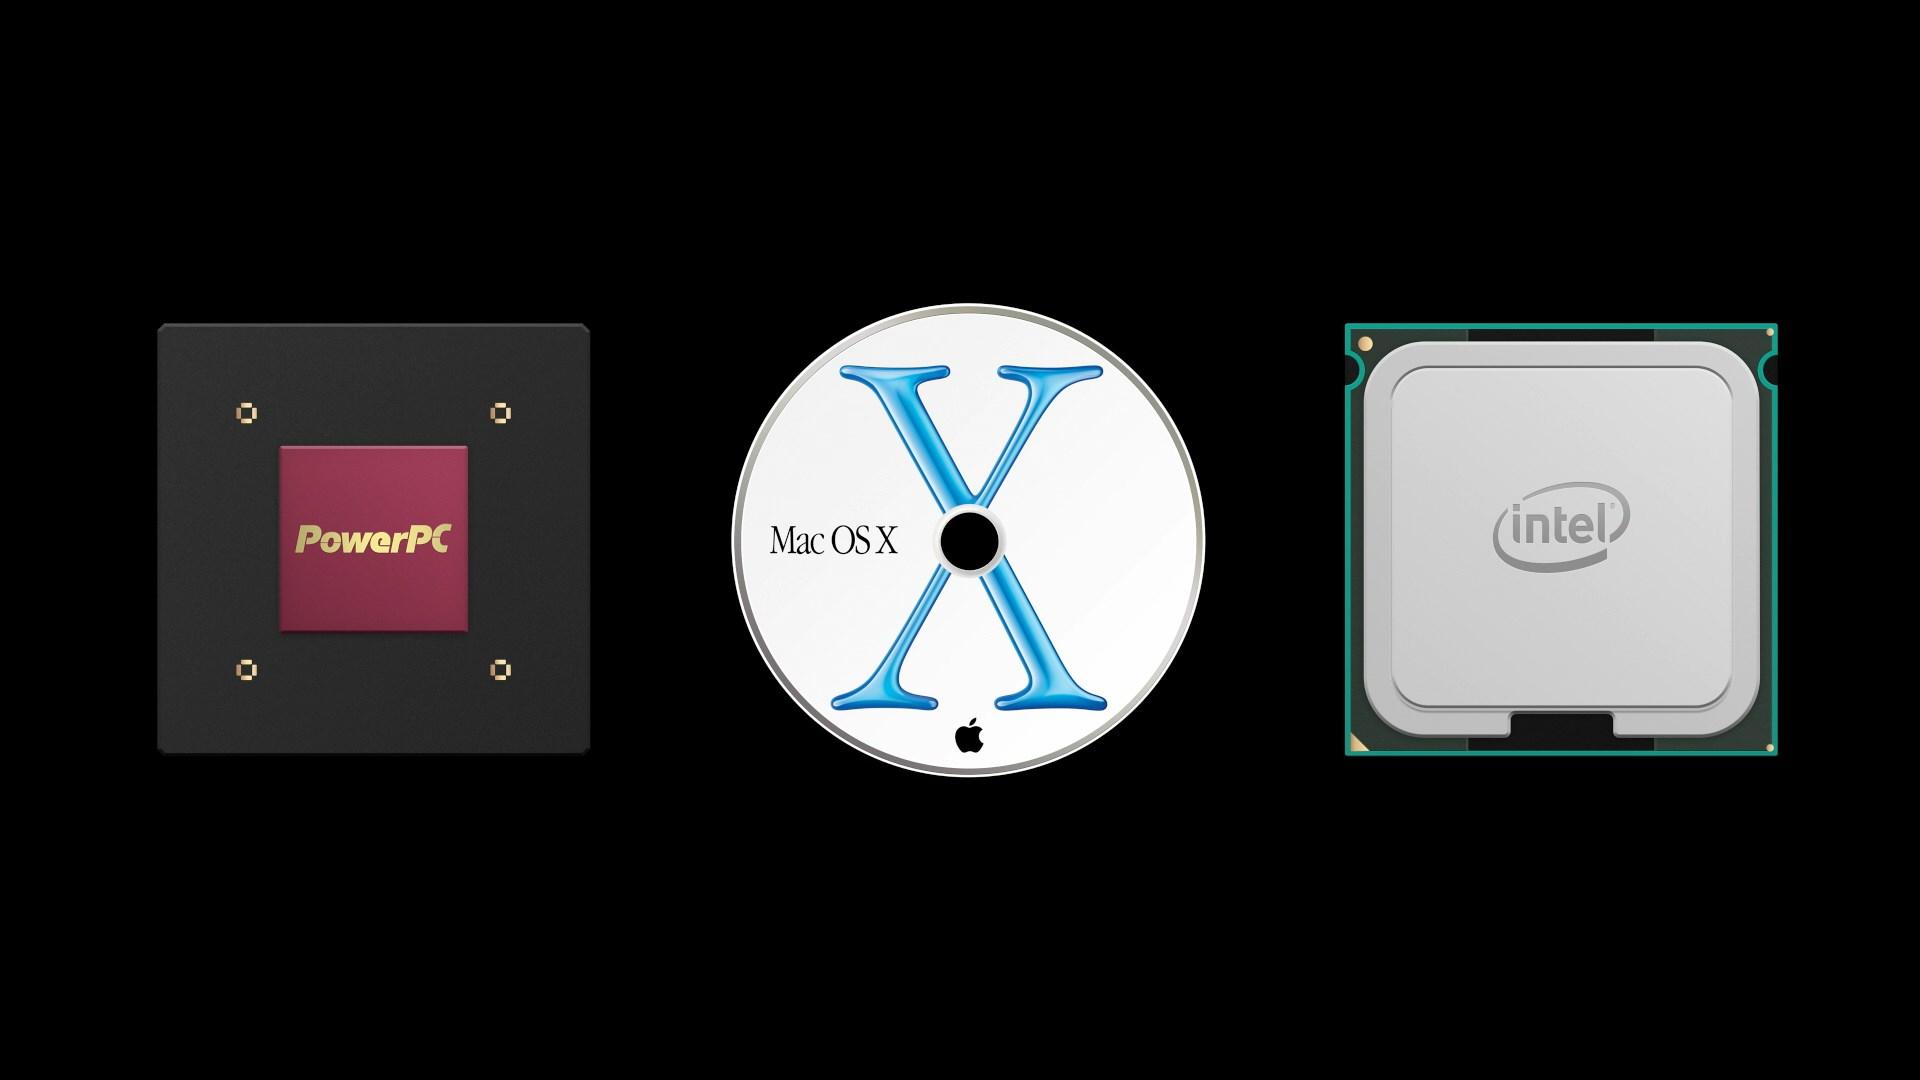 照片中提到了V、PowerPC、intel),跟英特爾、寶麗有關,包含了蘋果開發人員過渡套件、蘋果全球開發者大會、開發人員過渡套件、蘋果機、蘋果